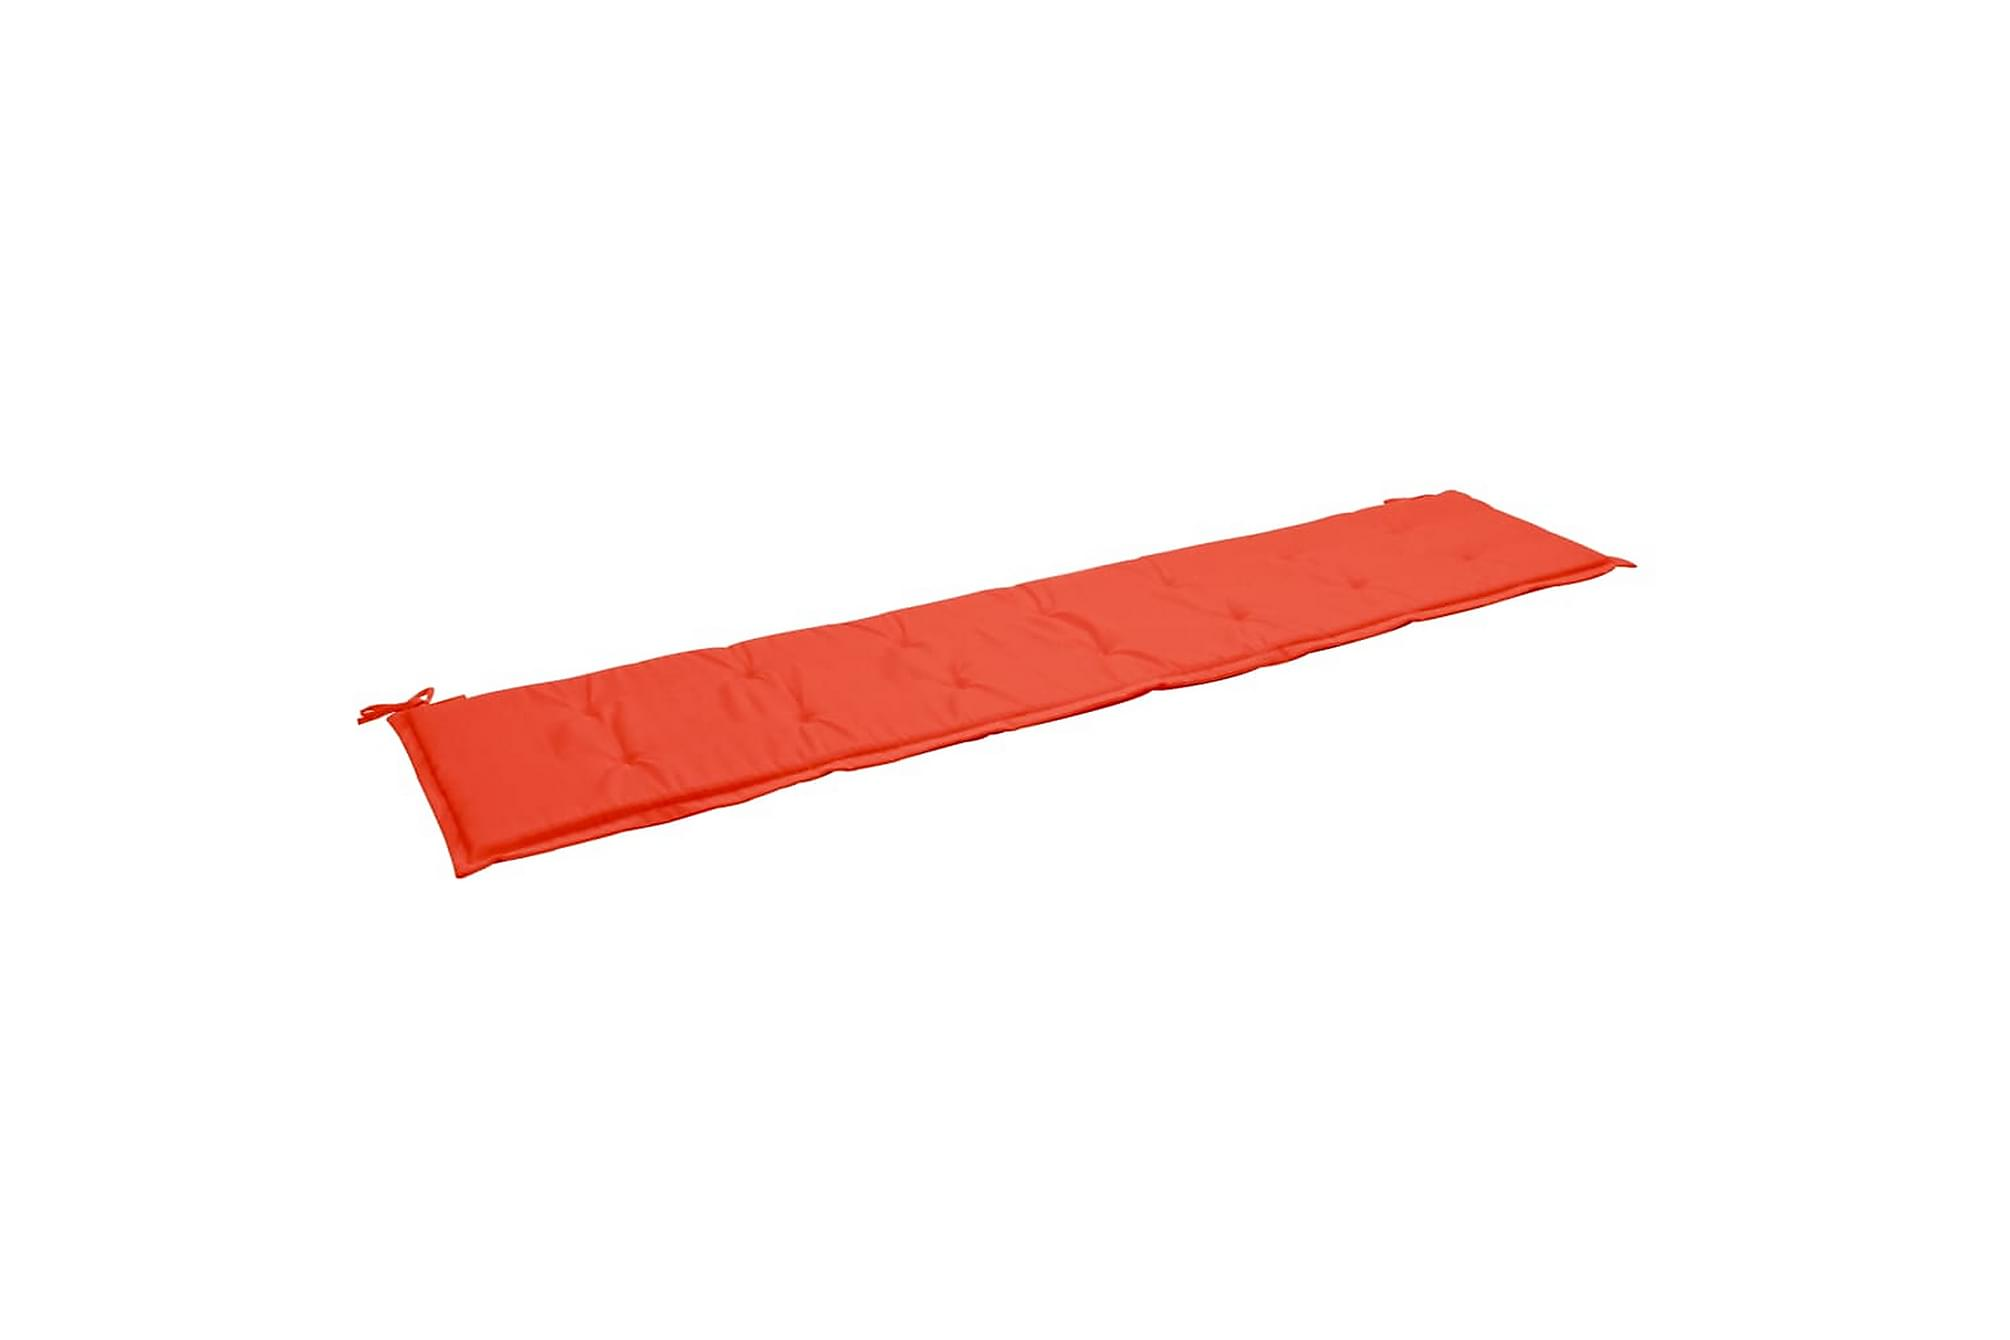 Bänkdyna för trädgården röd 200x50x3 cm, Soffdynor